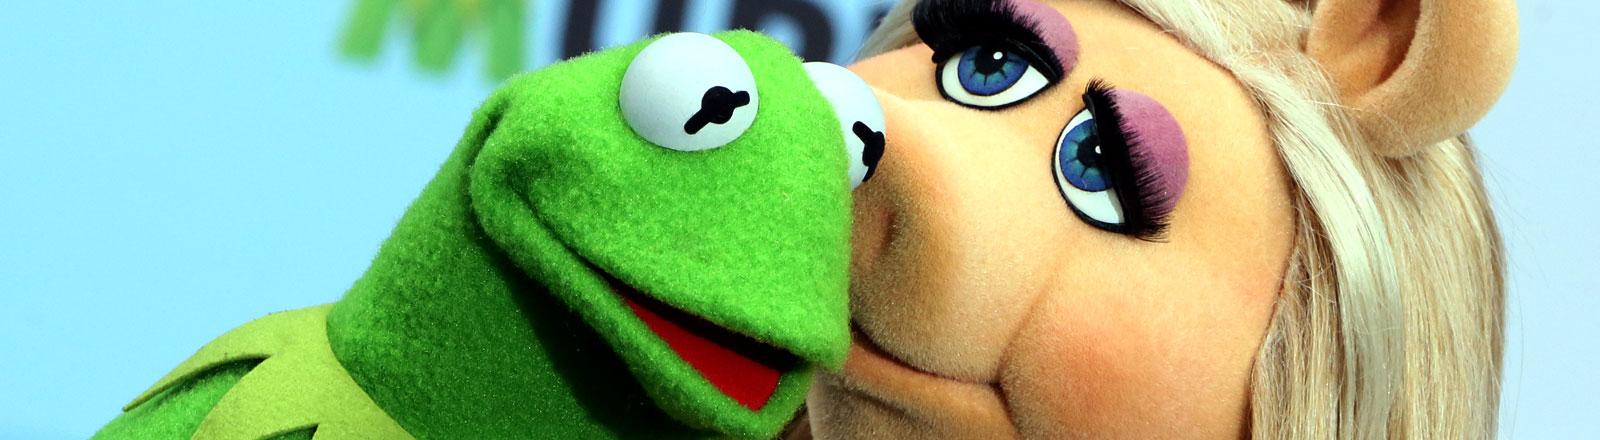 """Die Puppen Miss Piggy und Kermit der Frosch küssen sich am 28.03.2014 beim Fototermin im Sony Center in Berlin. Anlass ist der Film """"Muppets Most Wanted"""", der am 1. Mai in die Kinos kommt."""